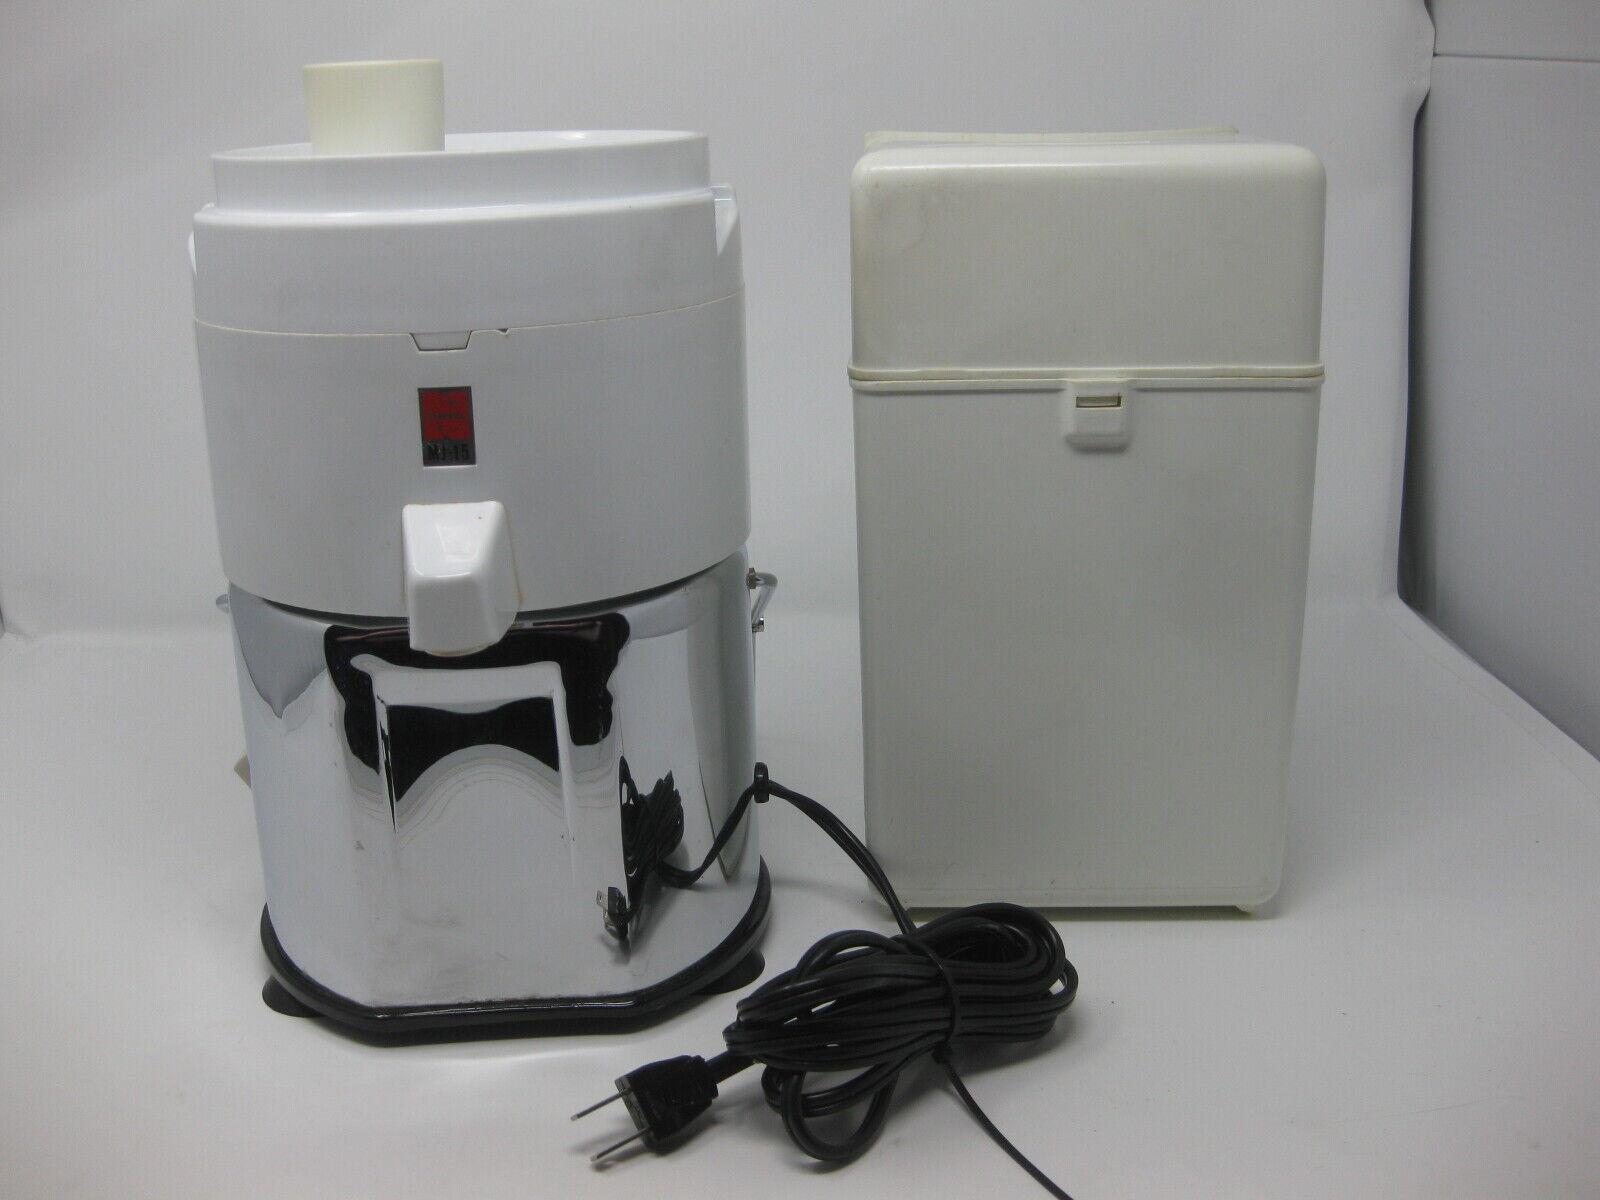 VINTAGE Panasonic centrifugeuse jus extracteur MJ-15 testé fonctionne RARE